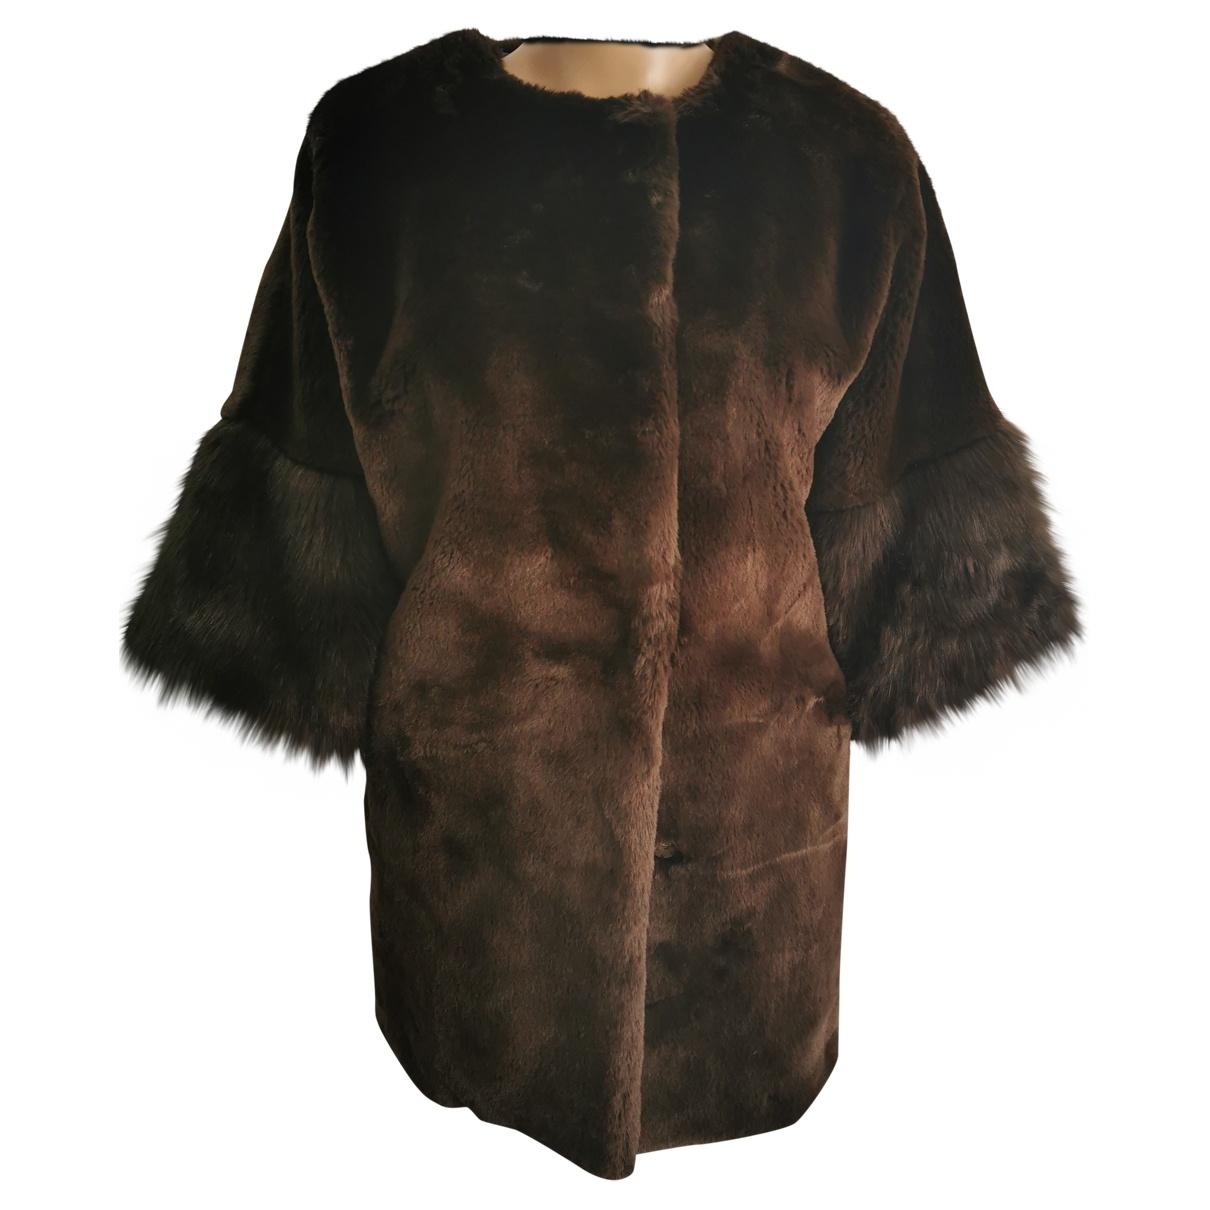 Blf - Manteau   pour femme en fourrure synthetique - marron